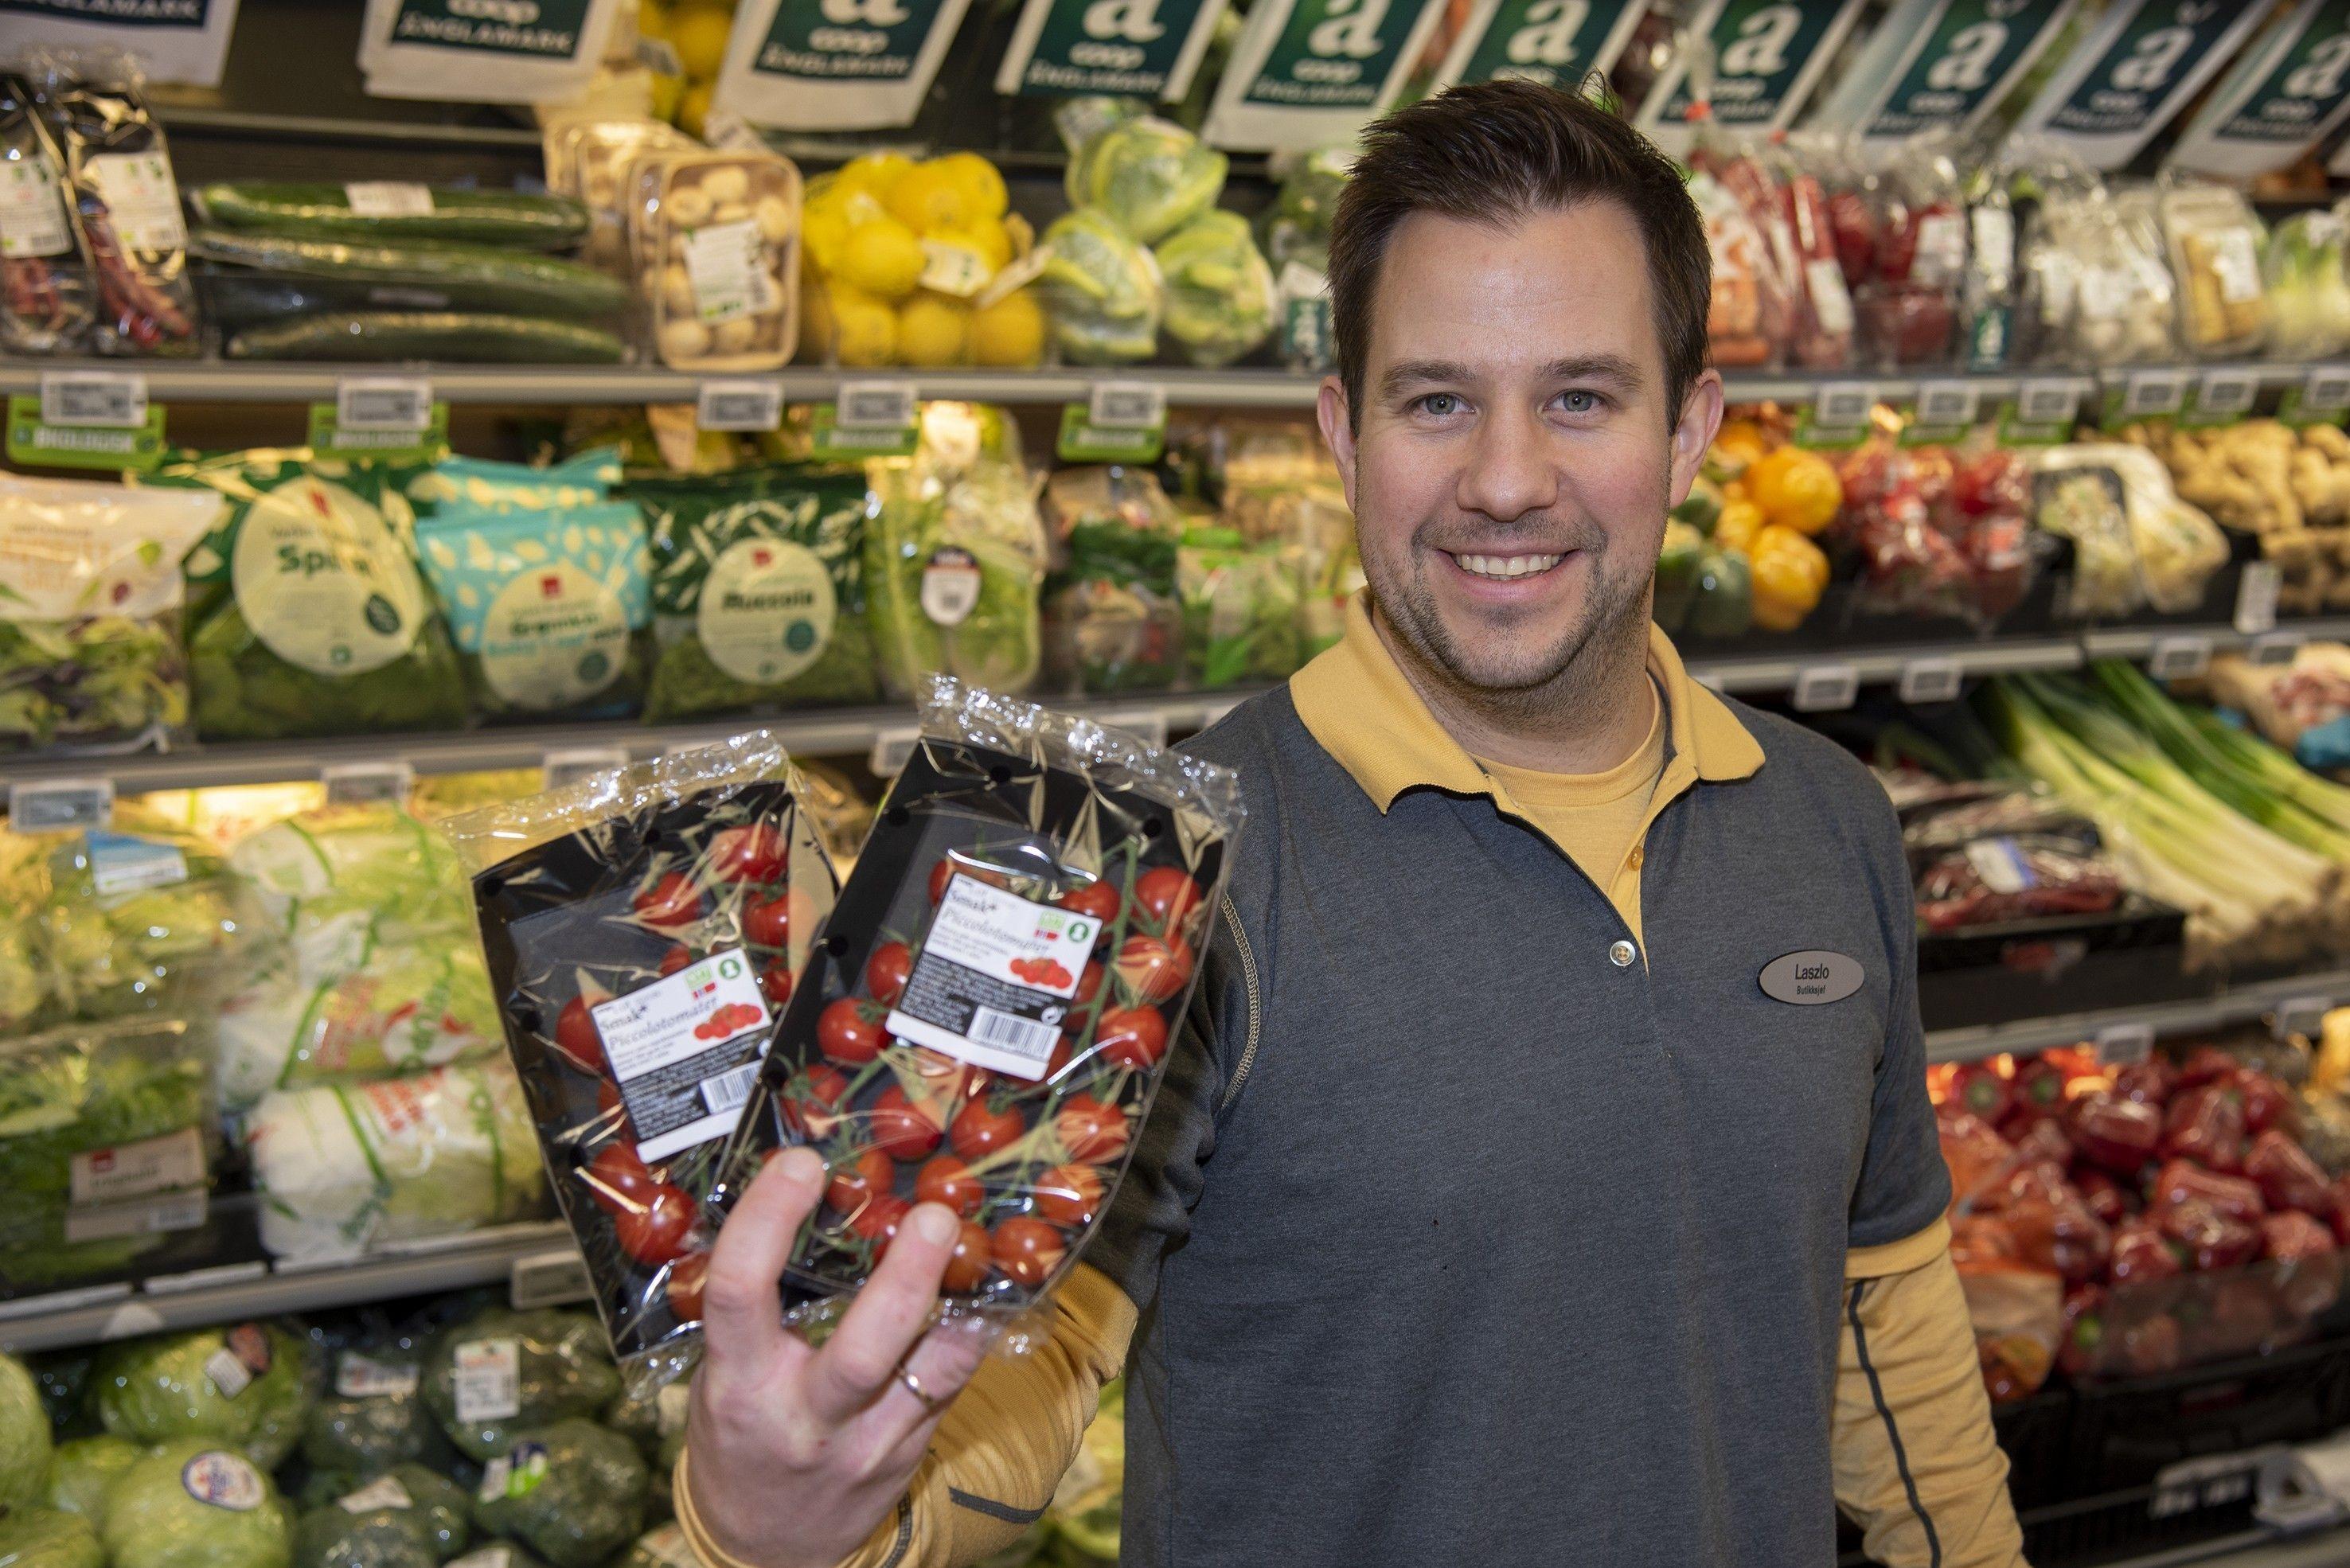 HØY KVALITET: Laszlo Konkoly elsker frukt og grønt, og er glad for å kunne tilby kundene produkter av høy kvalitet.